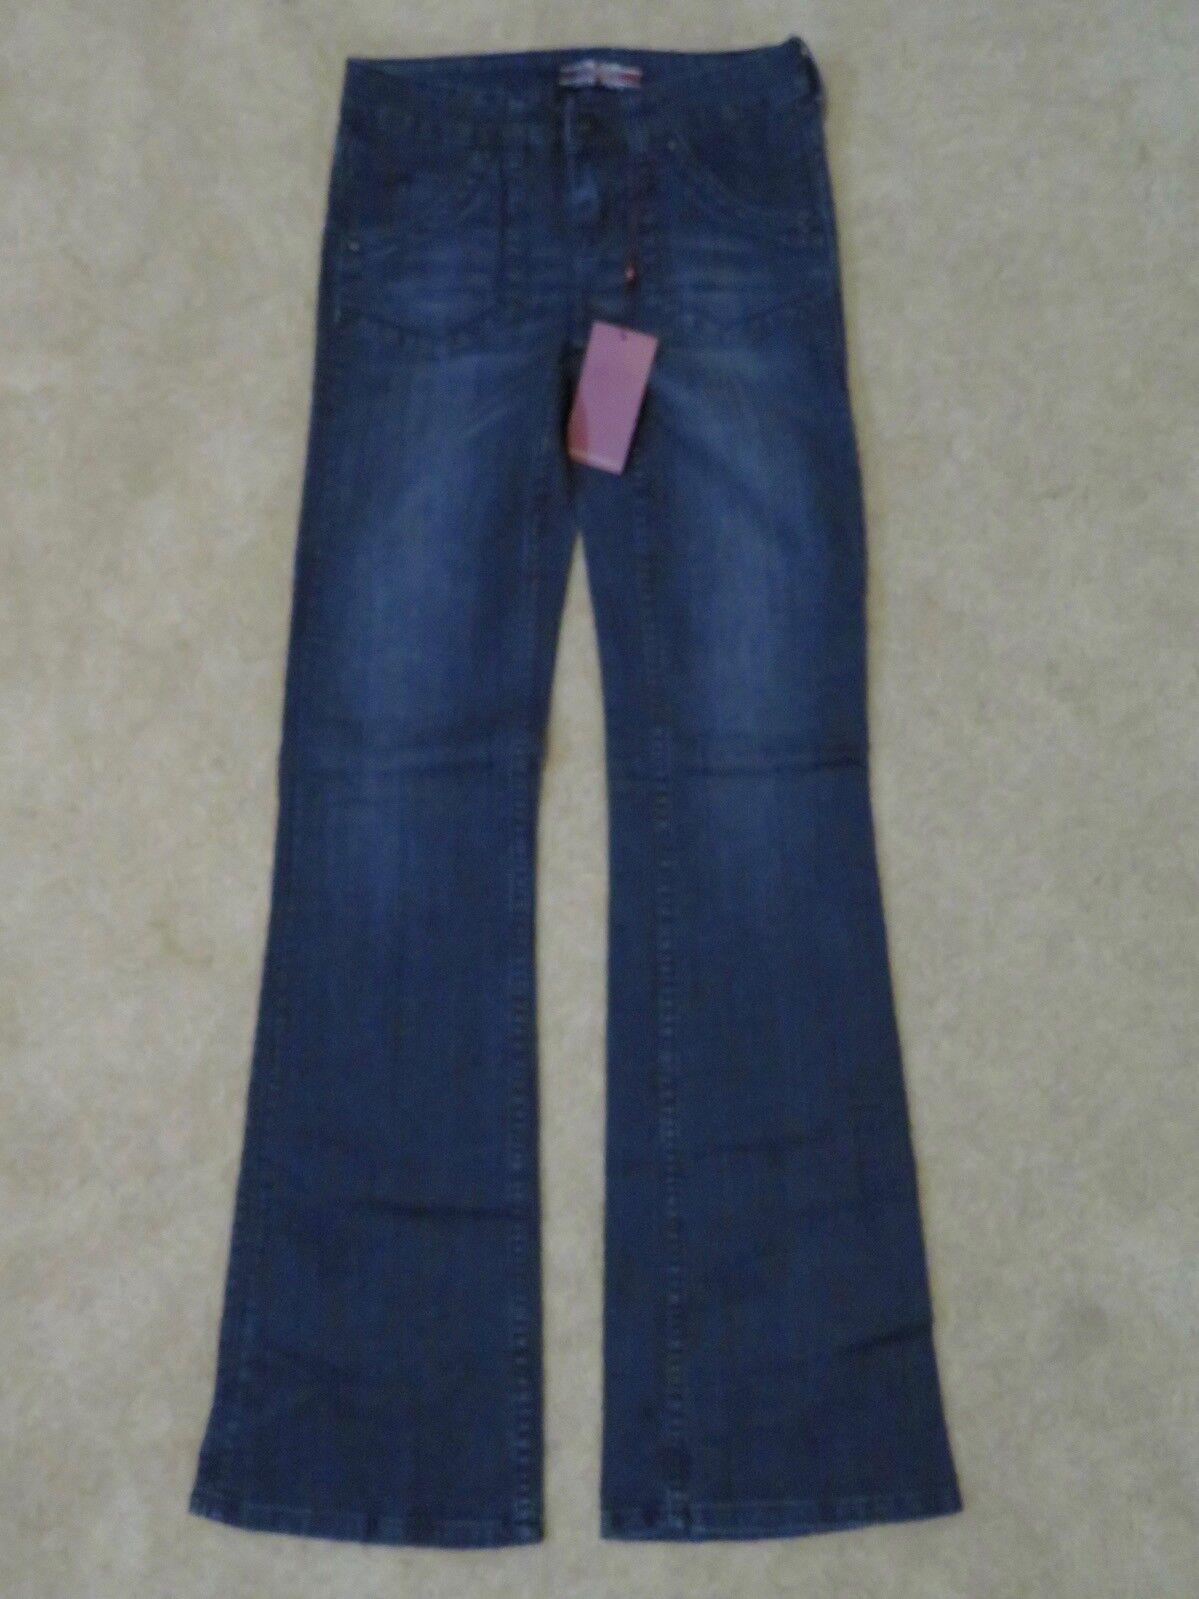 Nuovo Of con Etichette Donna Makers Of Nuovo True Originals Pantaloni Jeans  Blu Misura 26 4146ef 5cb11e9d2a1